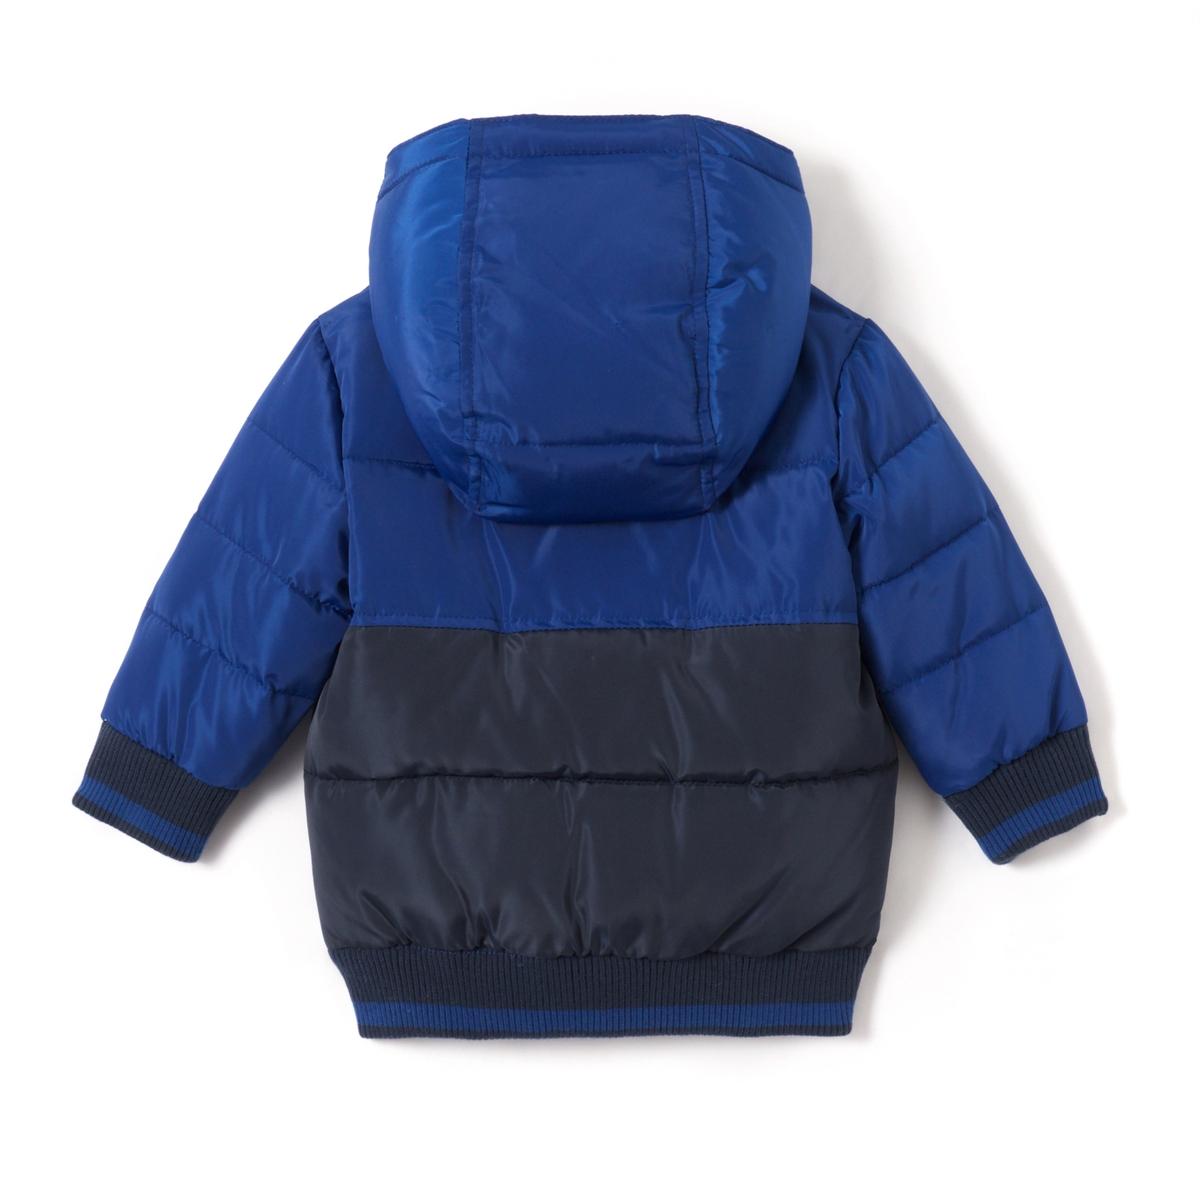 Куртка стеганная двухцветная с капюшоном, 1 мес.- 3 летДетали •  Зимняя модель •  Непромокаемая •  Застежка на молнию •  С капюшоном •  Длина : средняяСостав и уход •  100% полиэстер •  Подкладка : 100% полиэстер •  Наполнитель : 100% полиэстер •  Температура стирки 30° на деликатном режиме •  Сухая чистка и отбеливание запрещены •  Не использовать барабанную сушку •  Не гладить<br><br>Цвет: синий/ серый<br>Размер: 1 мес. - 54 см.3 года - 94 см.18 мес. - 81 см.1 год - 74 см.9 мес. - 71 см.6 мес. - 67 см.3 мес. - 60 см